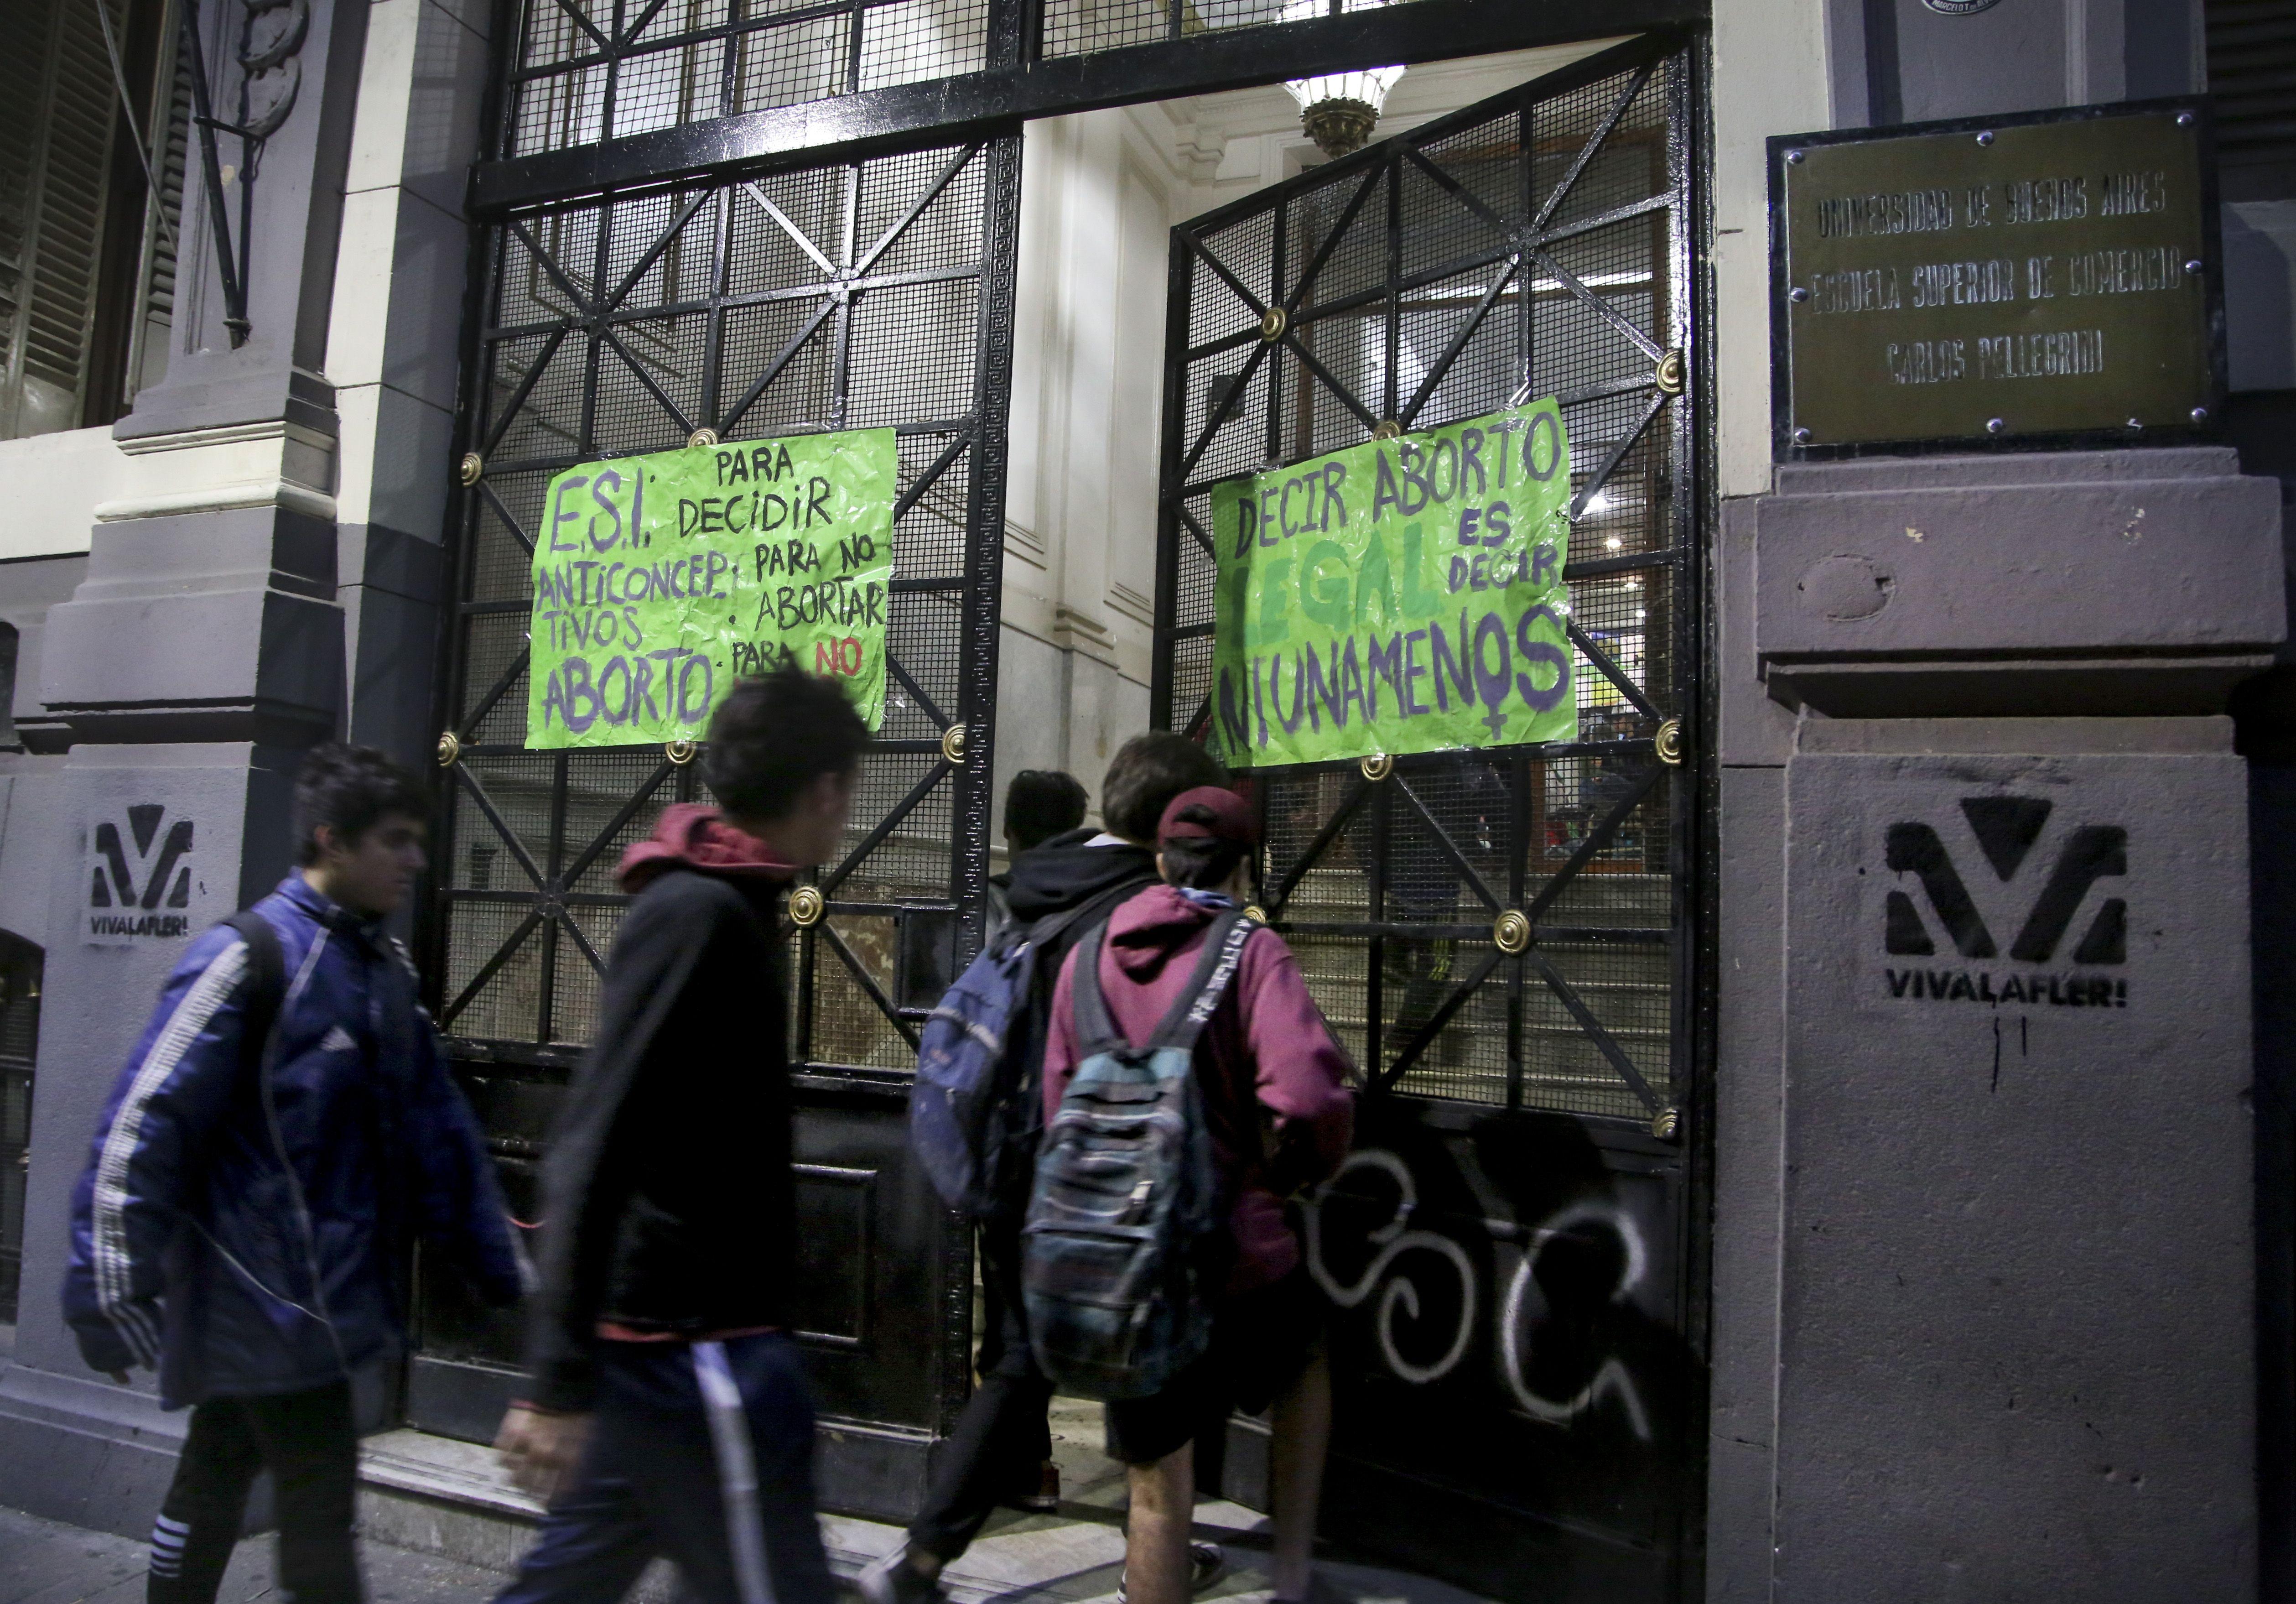 Colegio tomado contra los cambios en el proyecto de ley de abroto libre